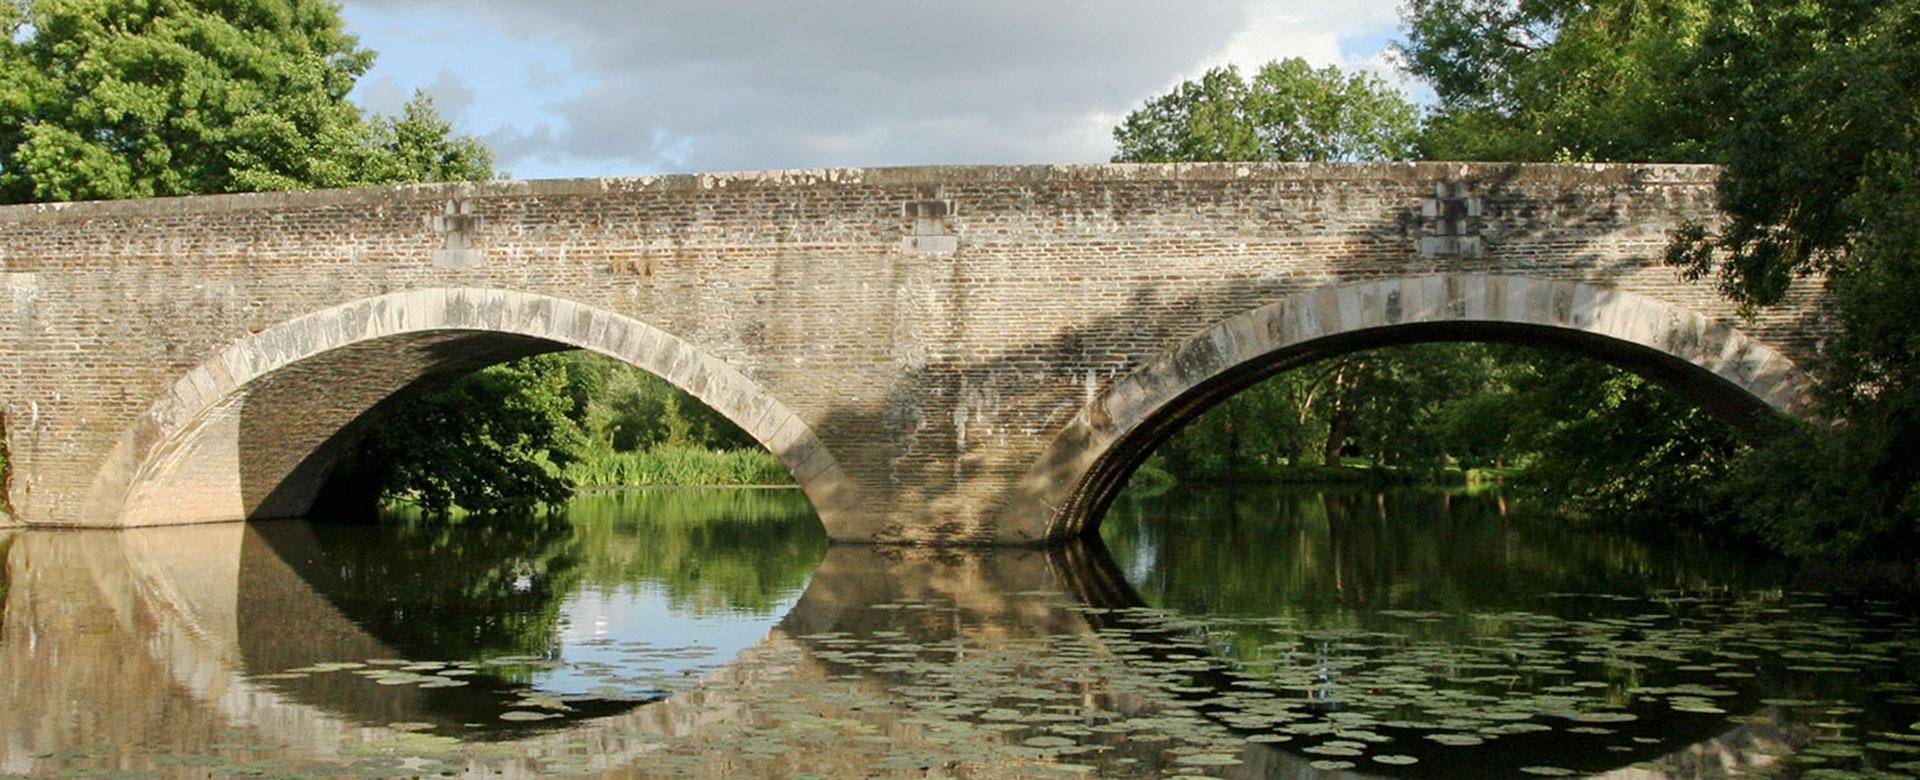 Le Pont sur l'Evre